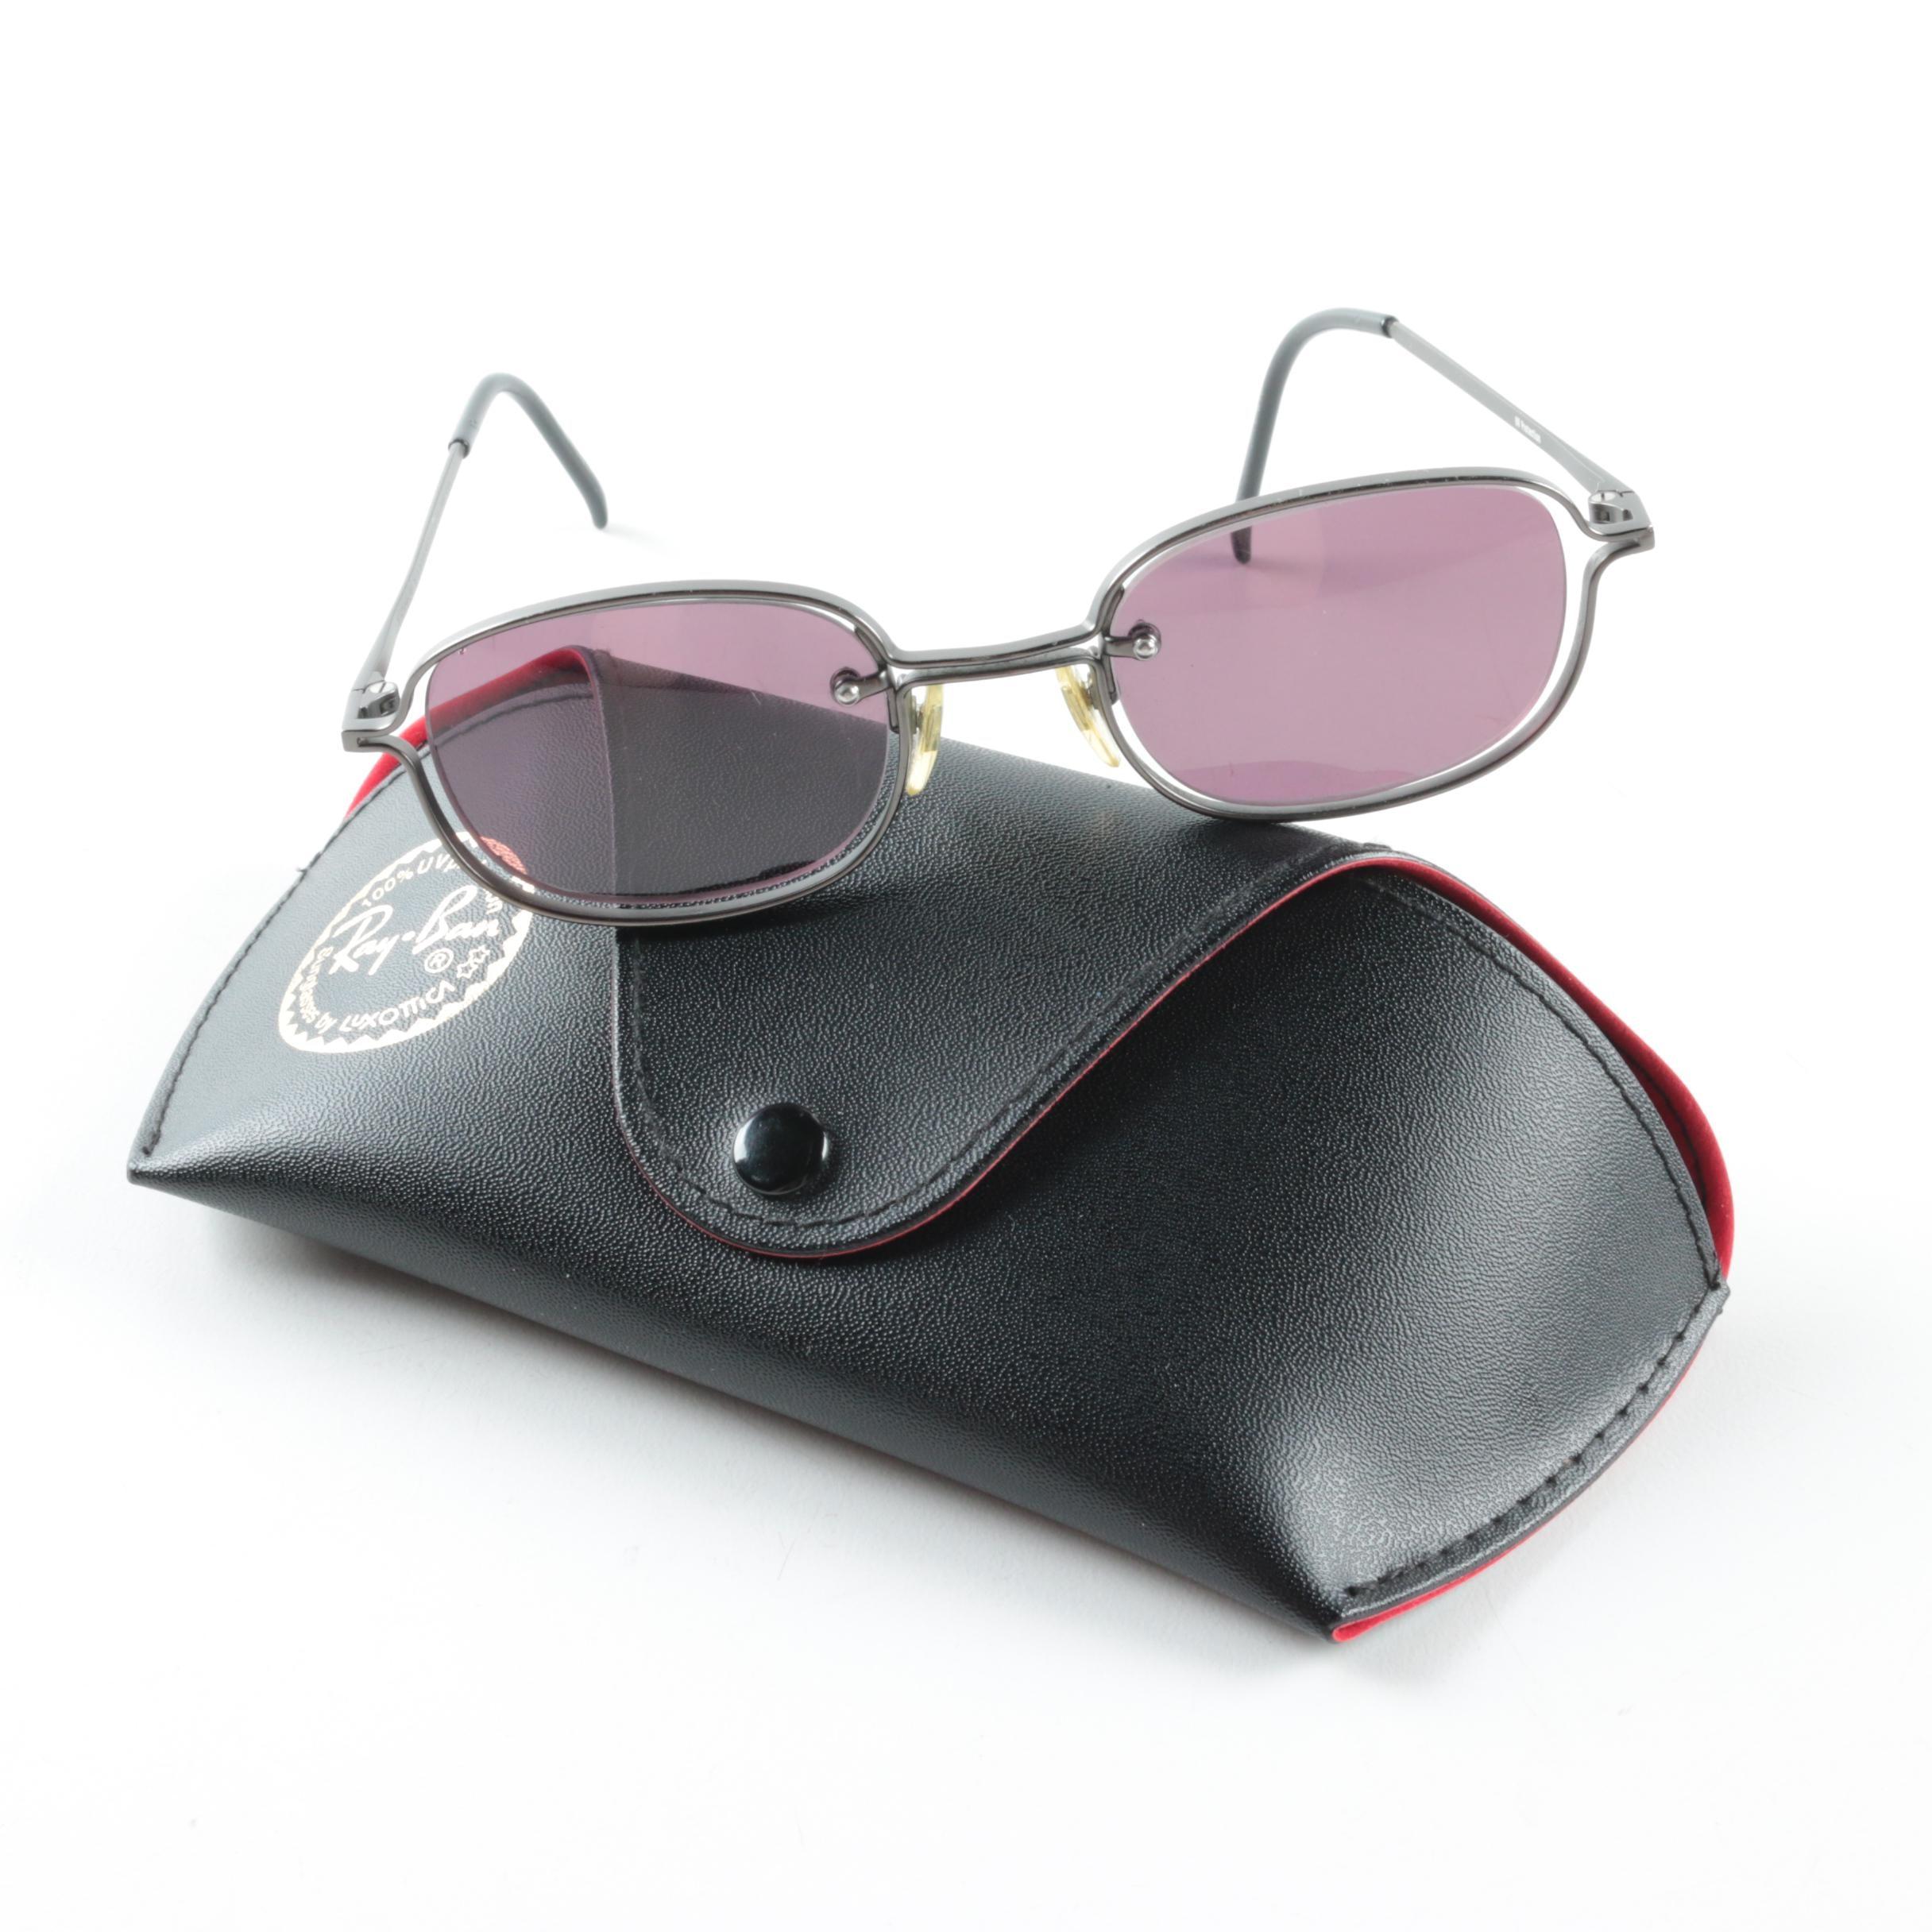 Yohji Yamamoto 52-4104 Sunglasses with Case